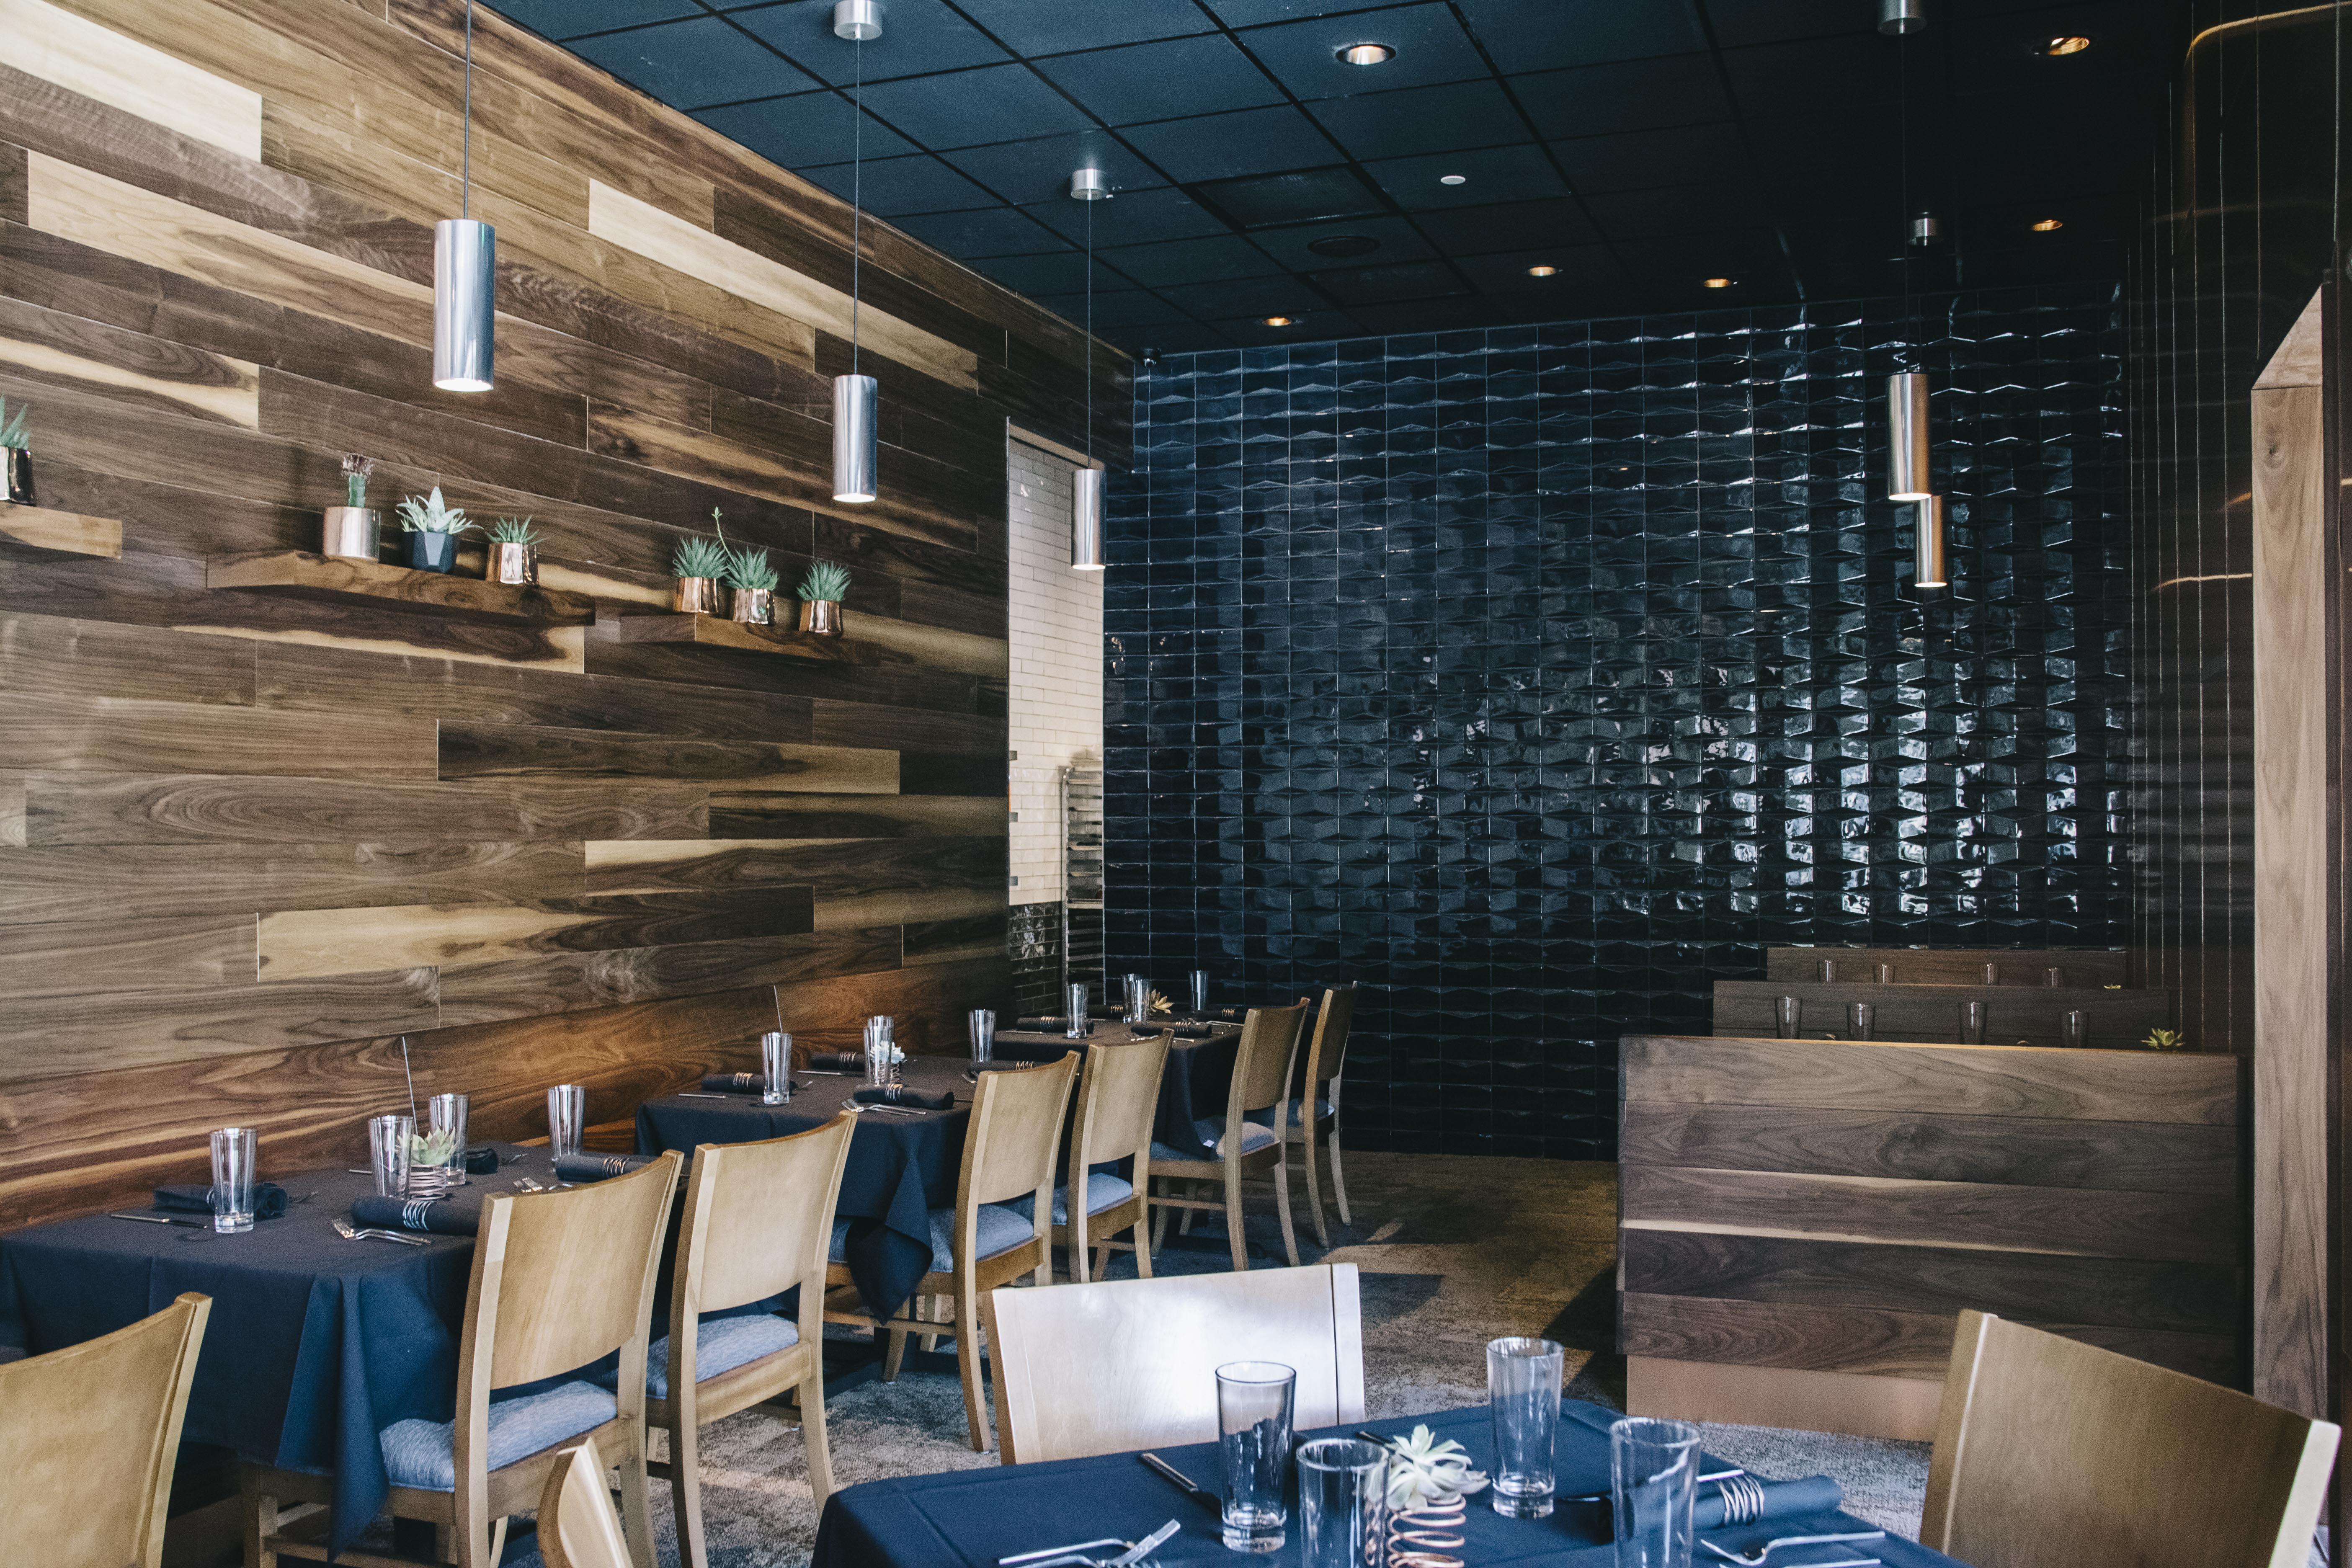 16 excellent date night restaurants in nashville